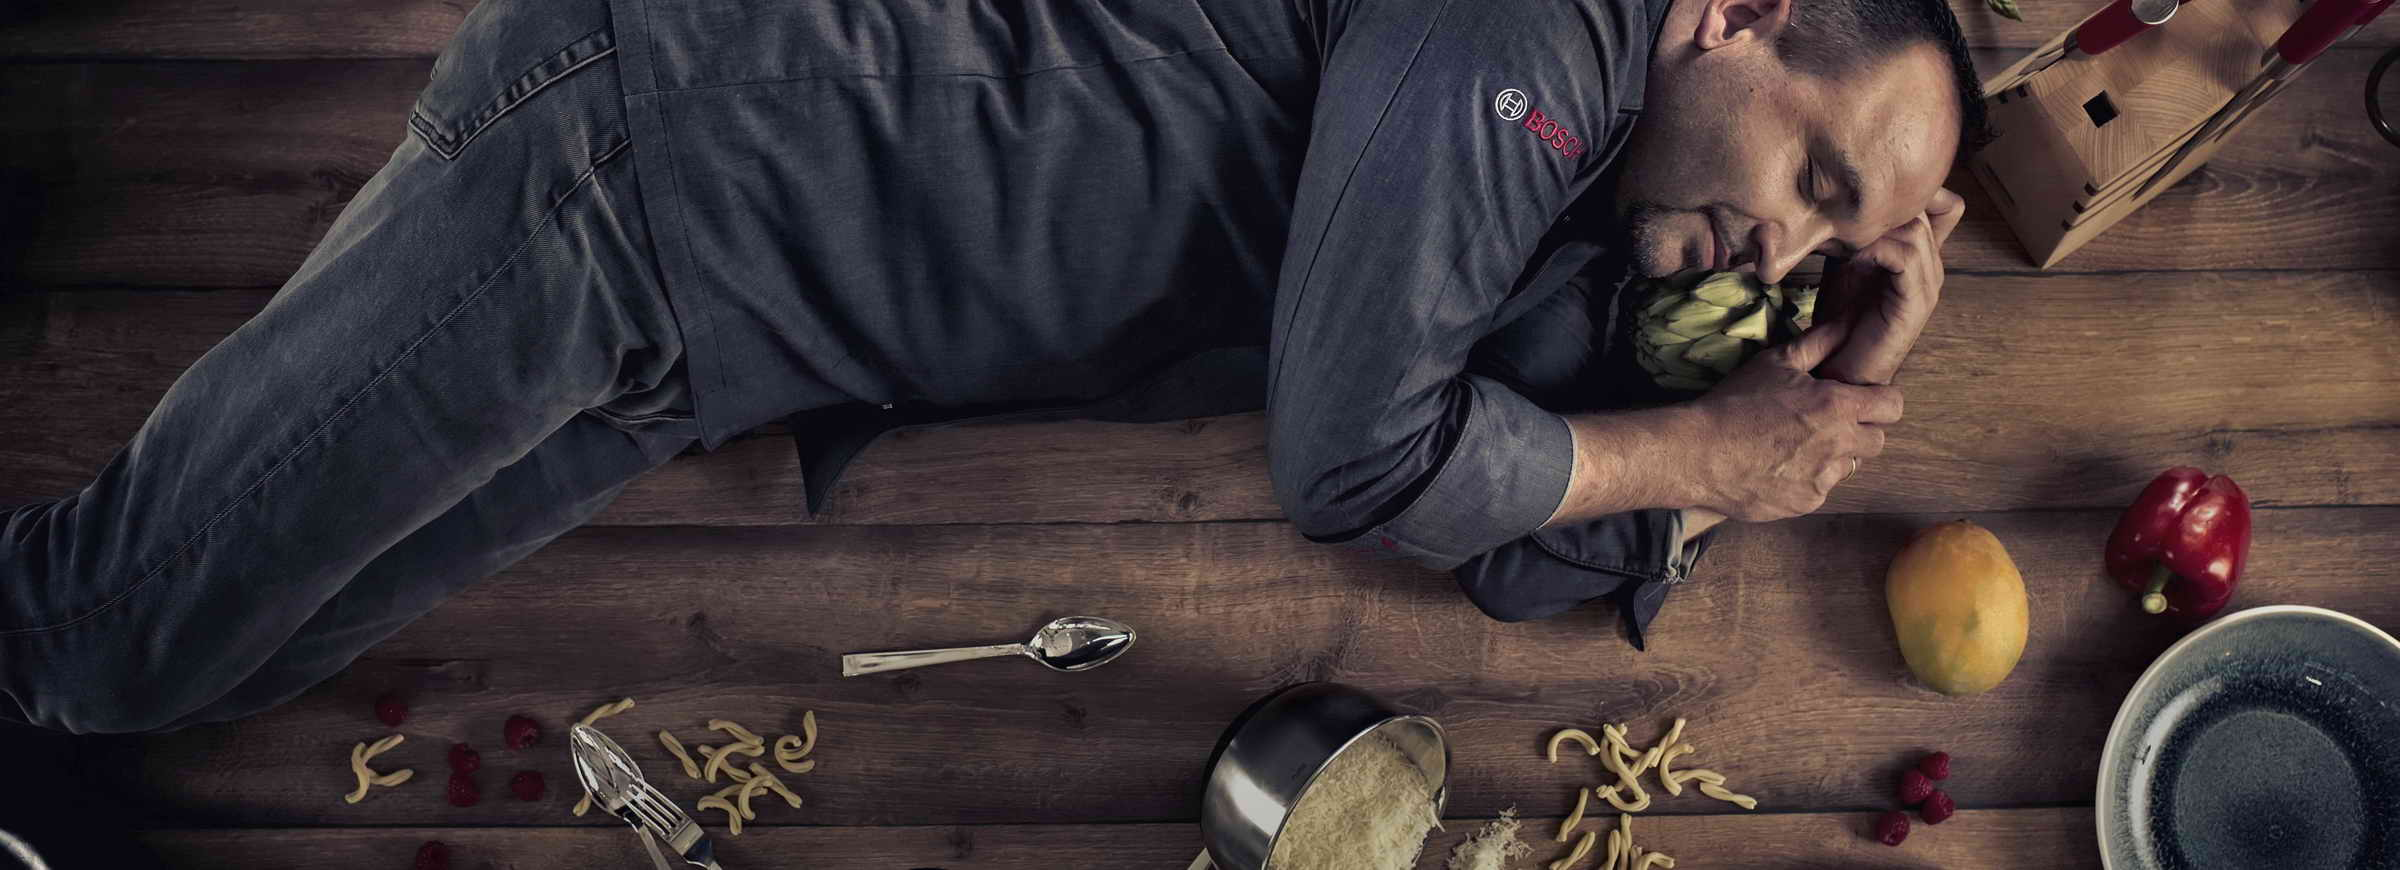 Alexandro Pape, ein aussergewöhnlicher Koch macht gerade einen Mittagsschläfchen auf dem Esstisch.